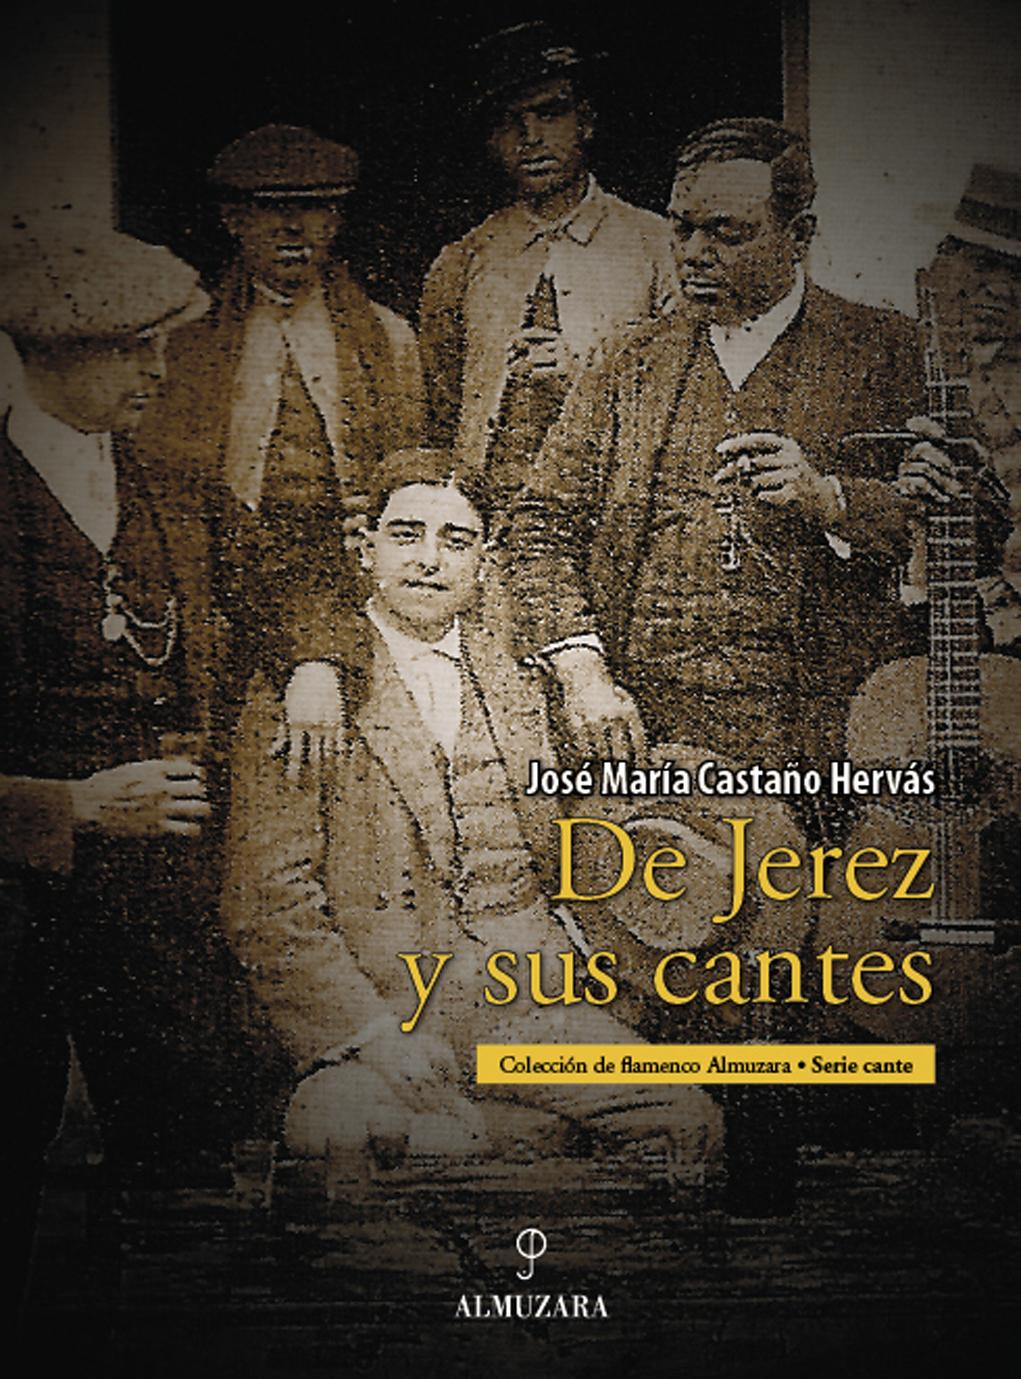 DE JEREZ Y SUS CANTES